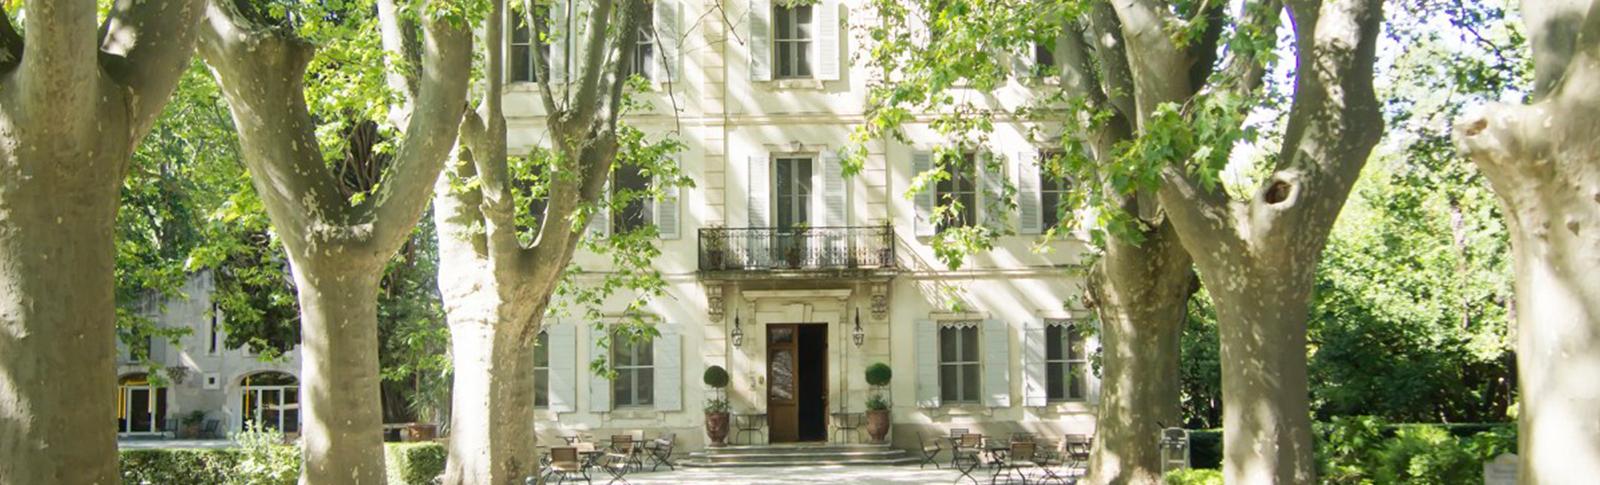 Restaurant Chateau des Alpilles - ma villa en provence